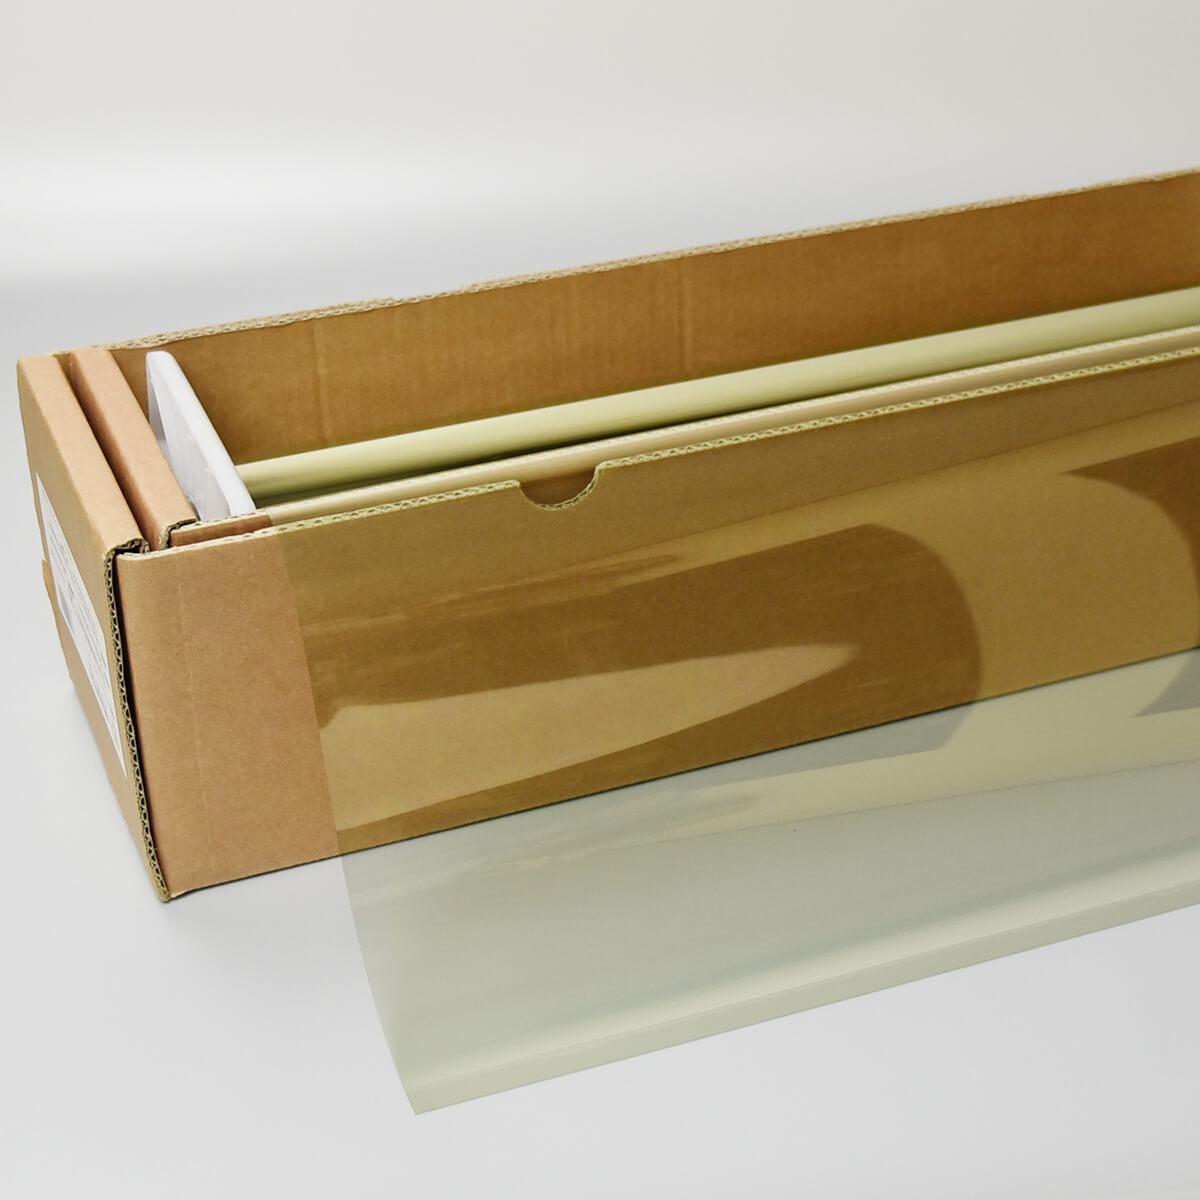 送料無料 ウィンドウフィルム 窓ガラスフィルム スーパーUV400スパッタゴールド77(77%) 1.5m幅×30mロール箱売 遮熱フィルム 断熱フィルム UVカットフィルム ブレインテック Braintec